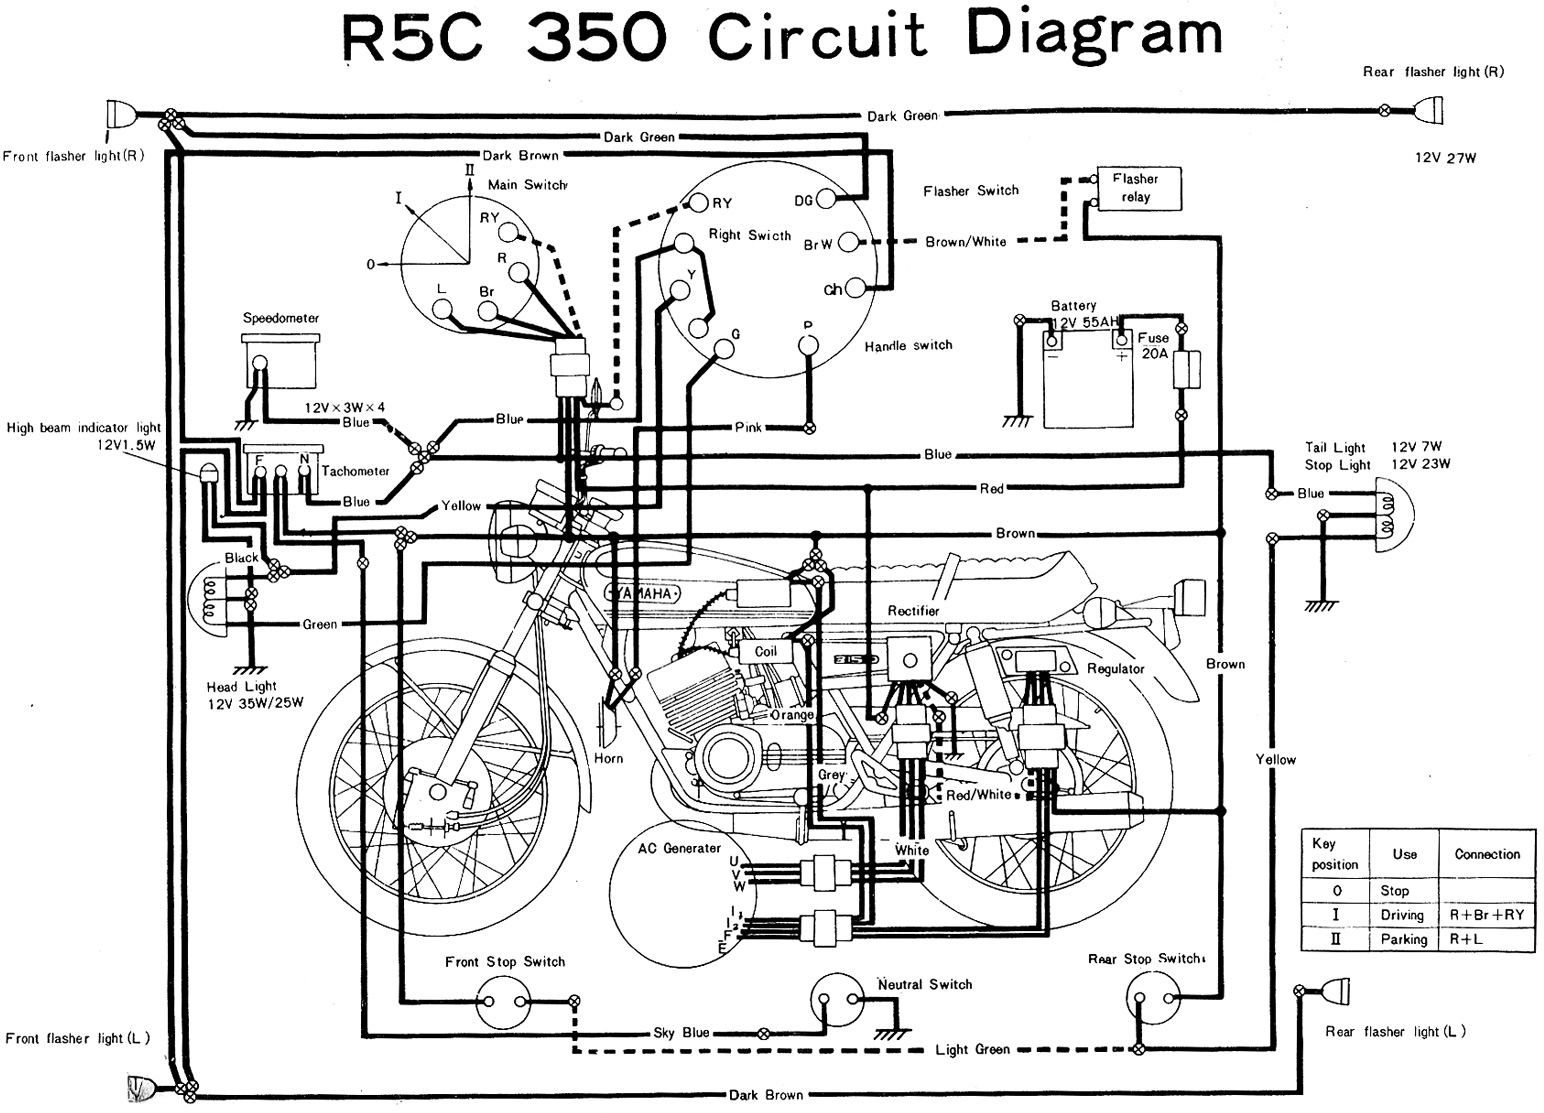 yamaha r5c 350 electrical wiring diagram